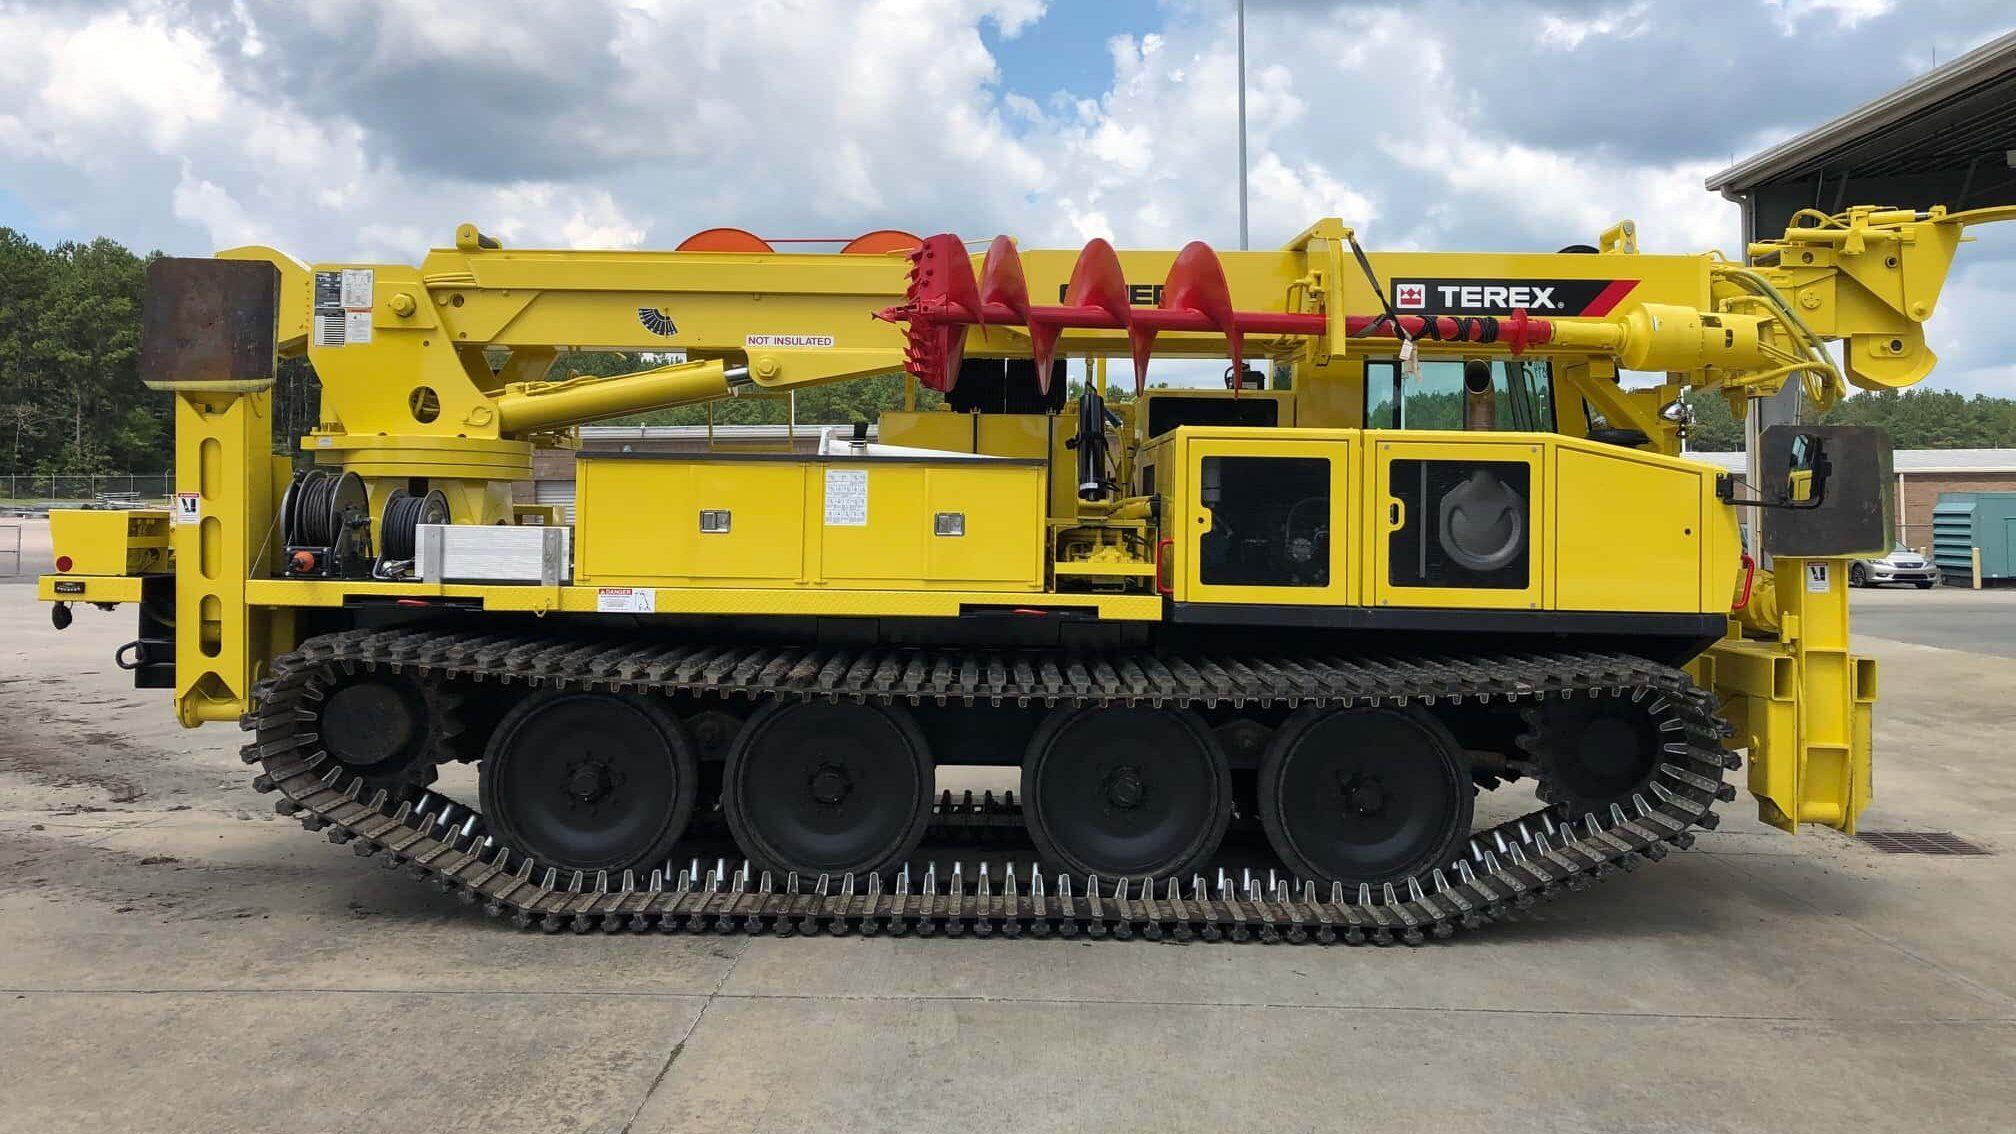 PowerBully Kettenfahrzeug mit Terex-Aufbau